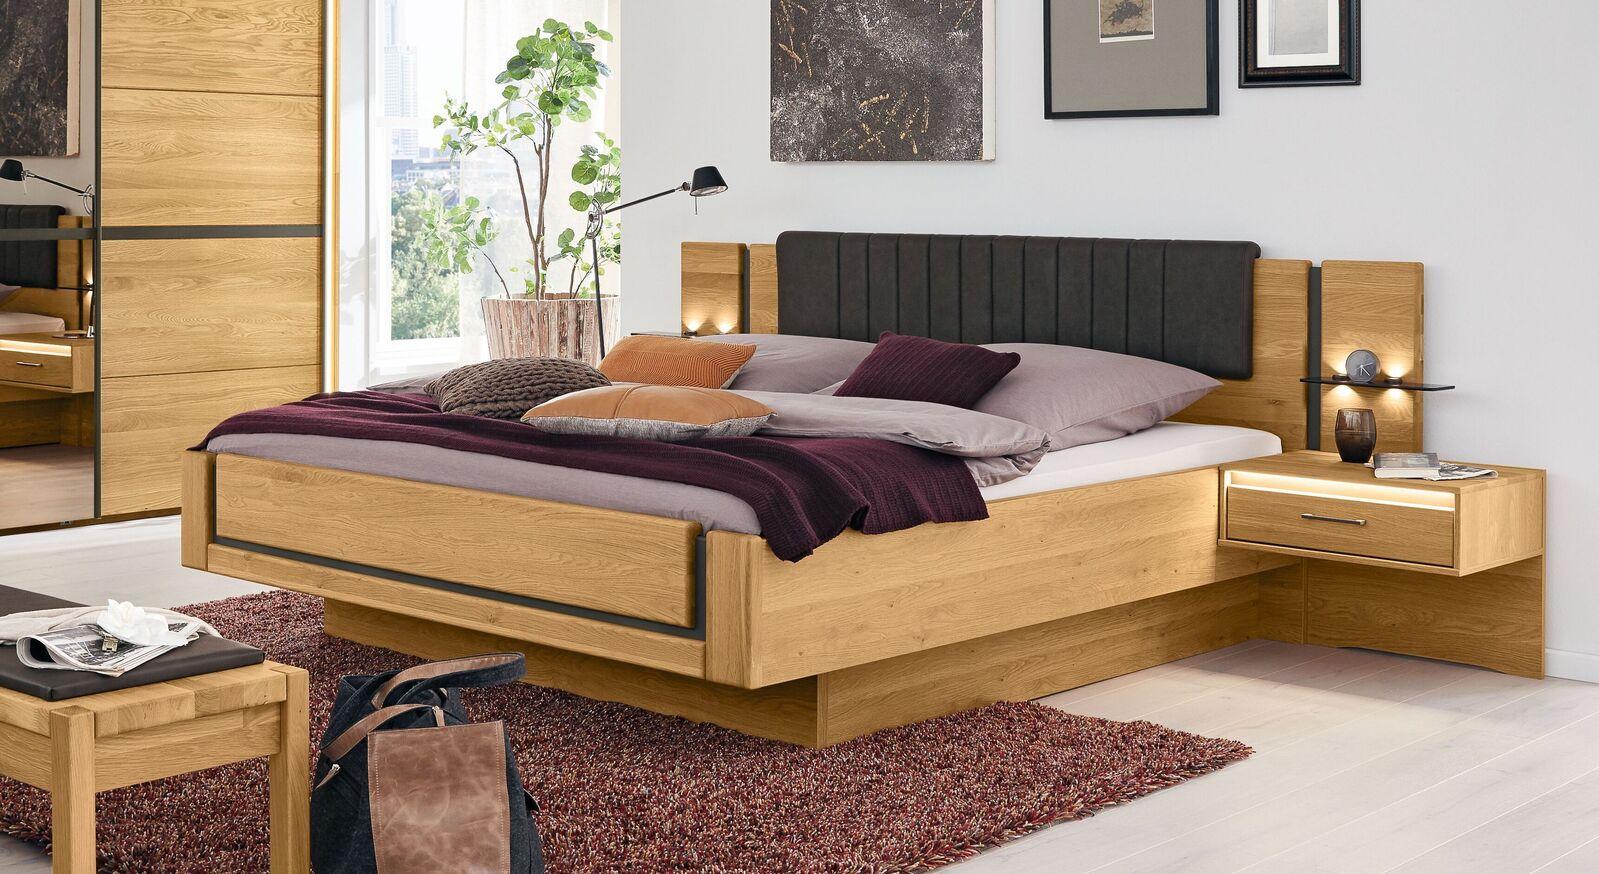 MUSTERRING Bett Sorrent in Schwebeoptik in Doppelbettgröße